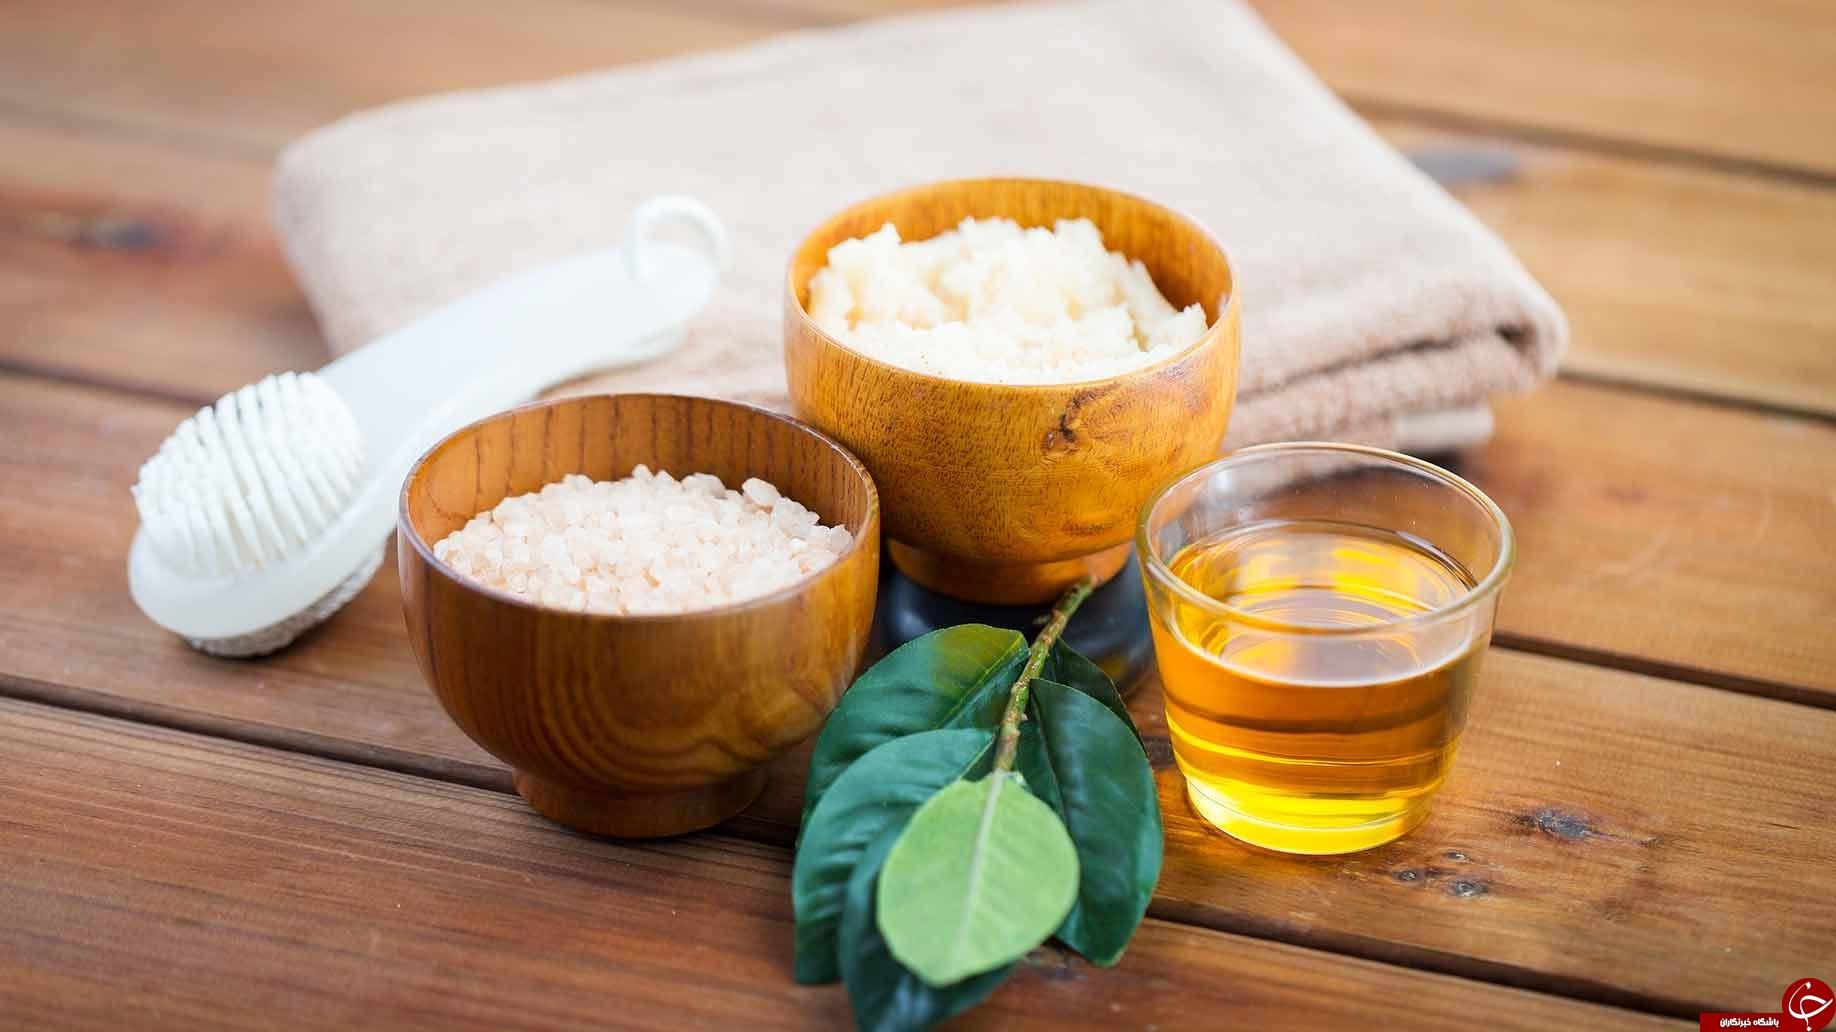 10 حمام مختلف برای پاکسازی و سم زدایی بدن